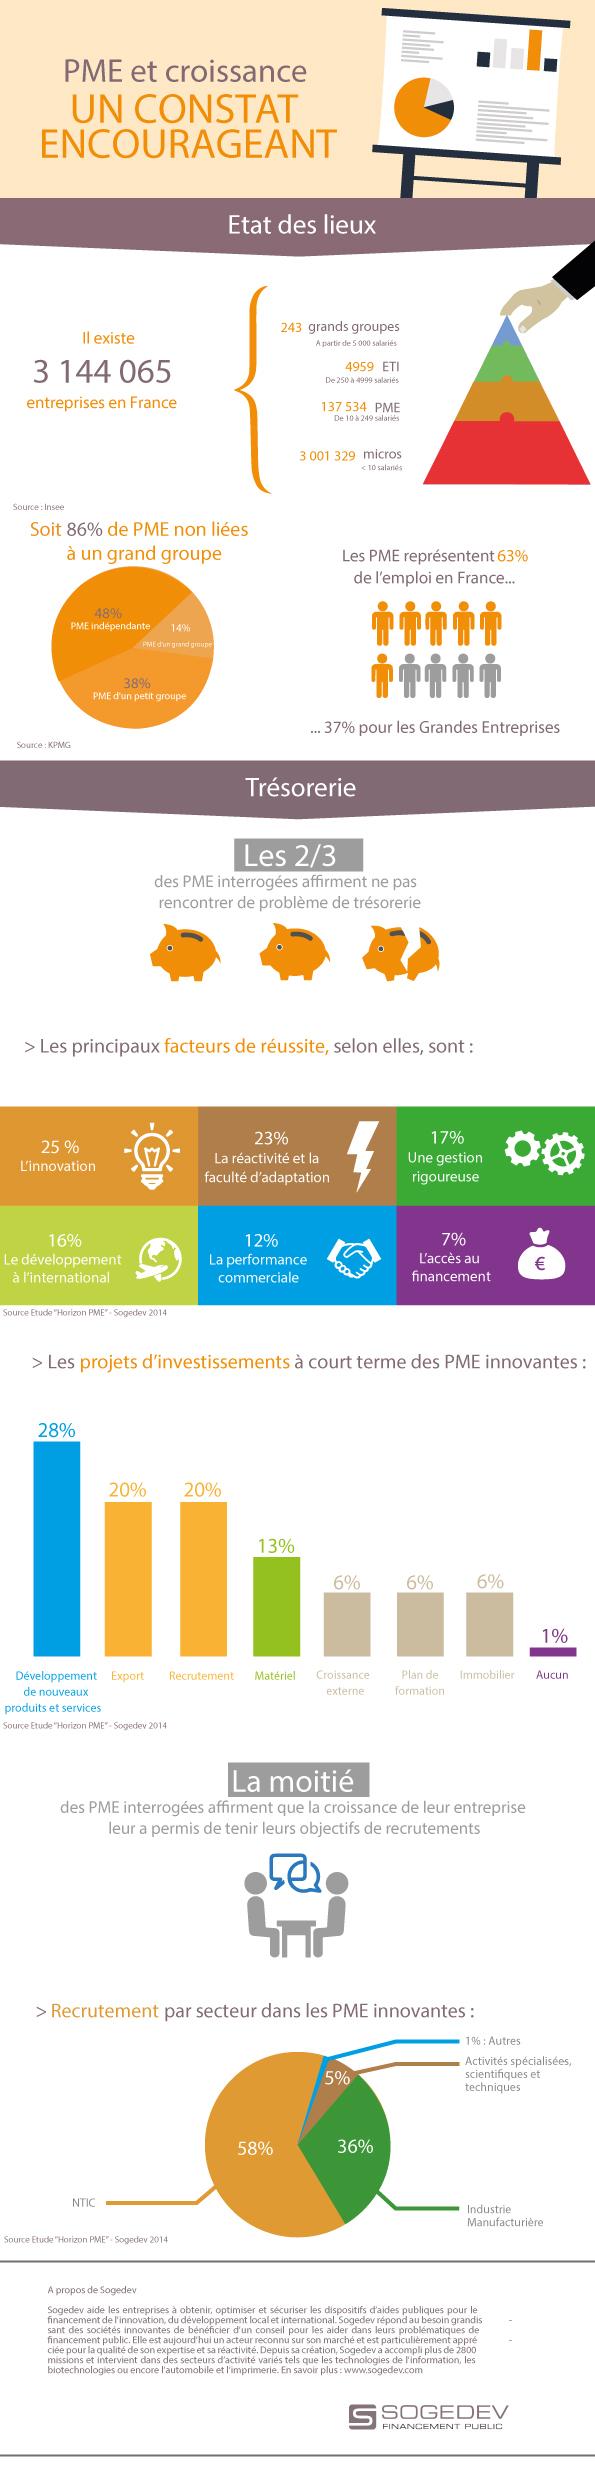 PME et croissance : un constat encourageant (infographie)